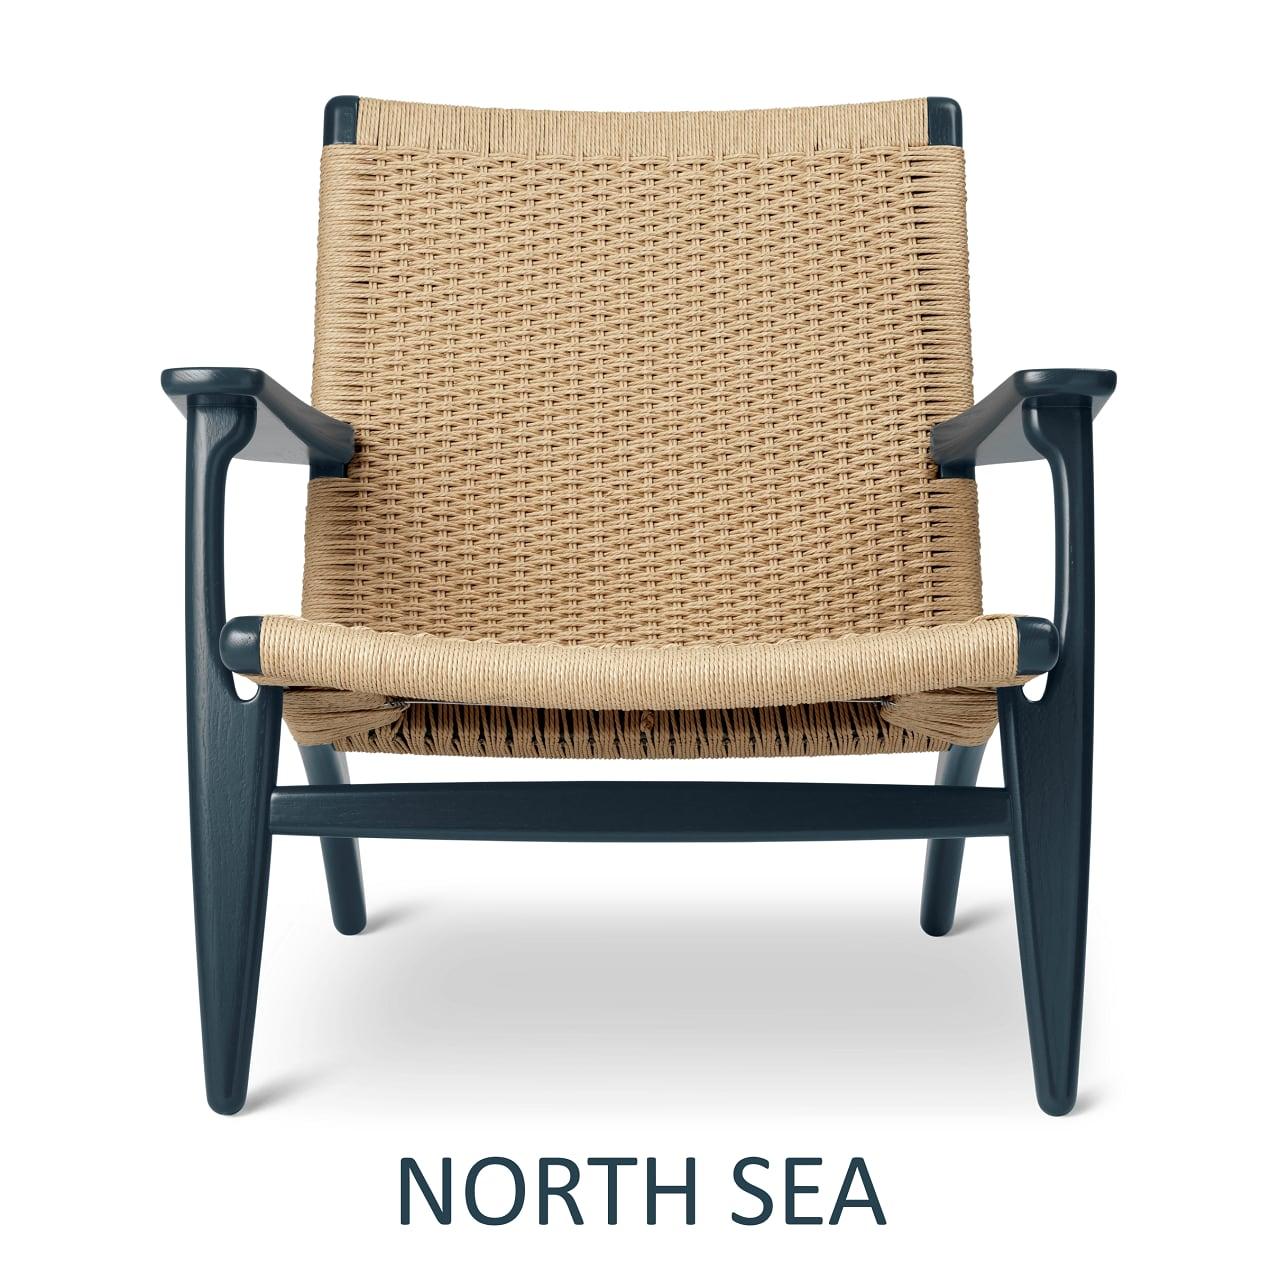 【限定モデル】CH25 -NORTH SEA(ほか4色)